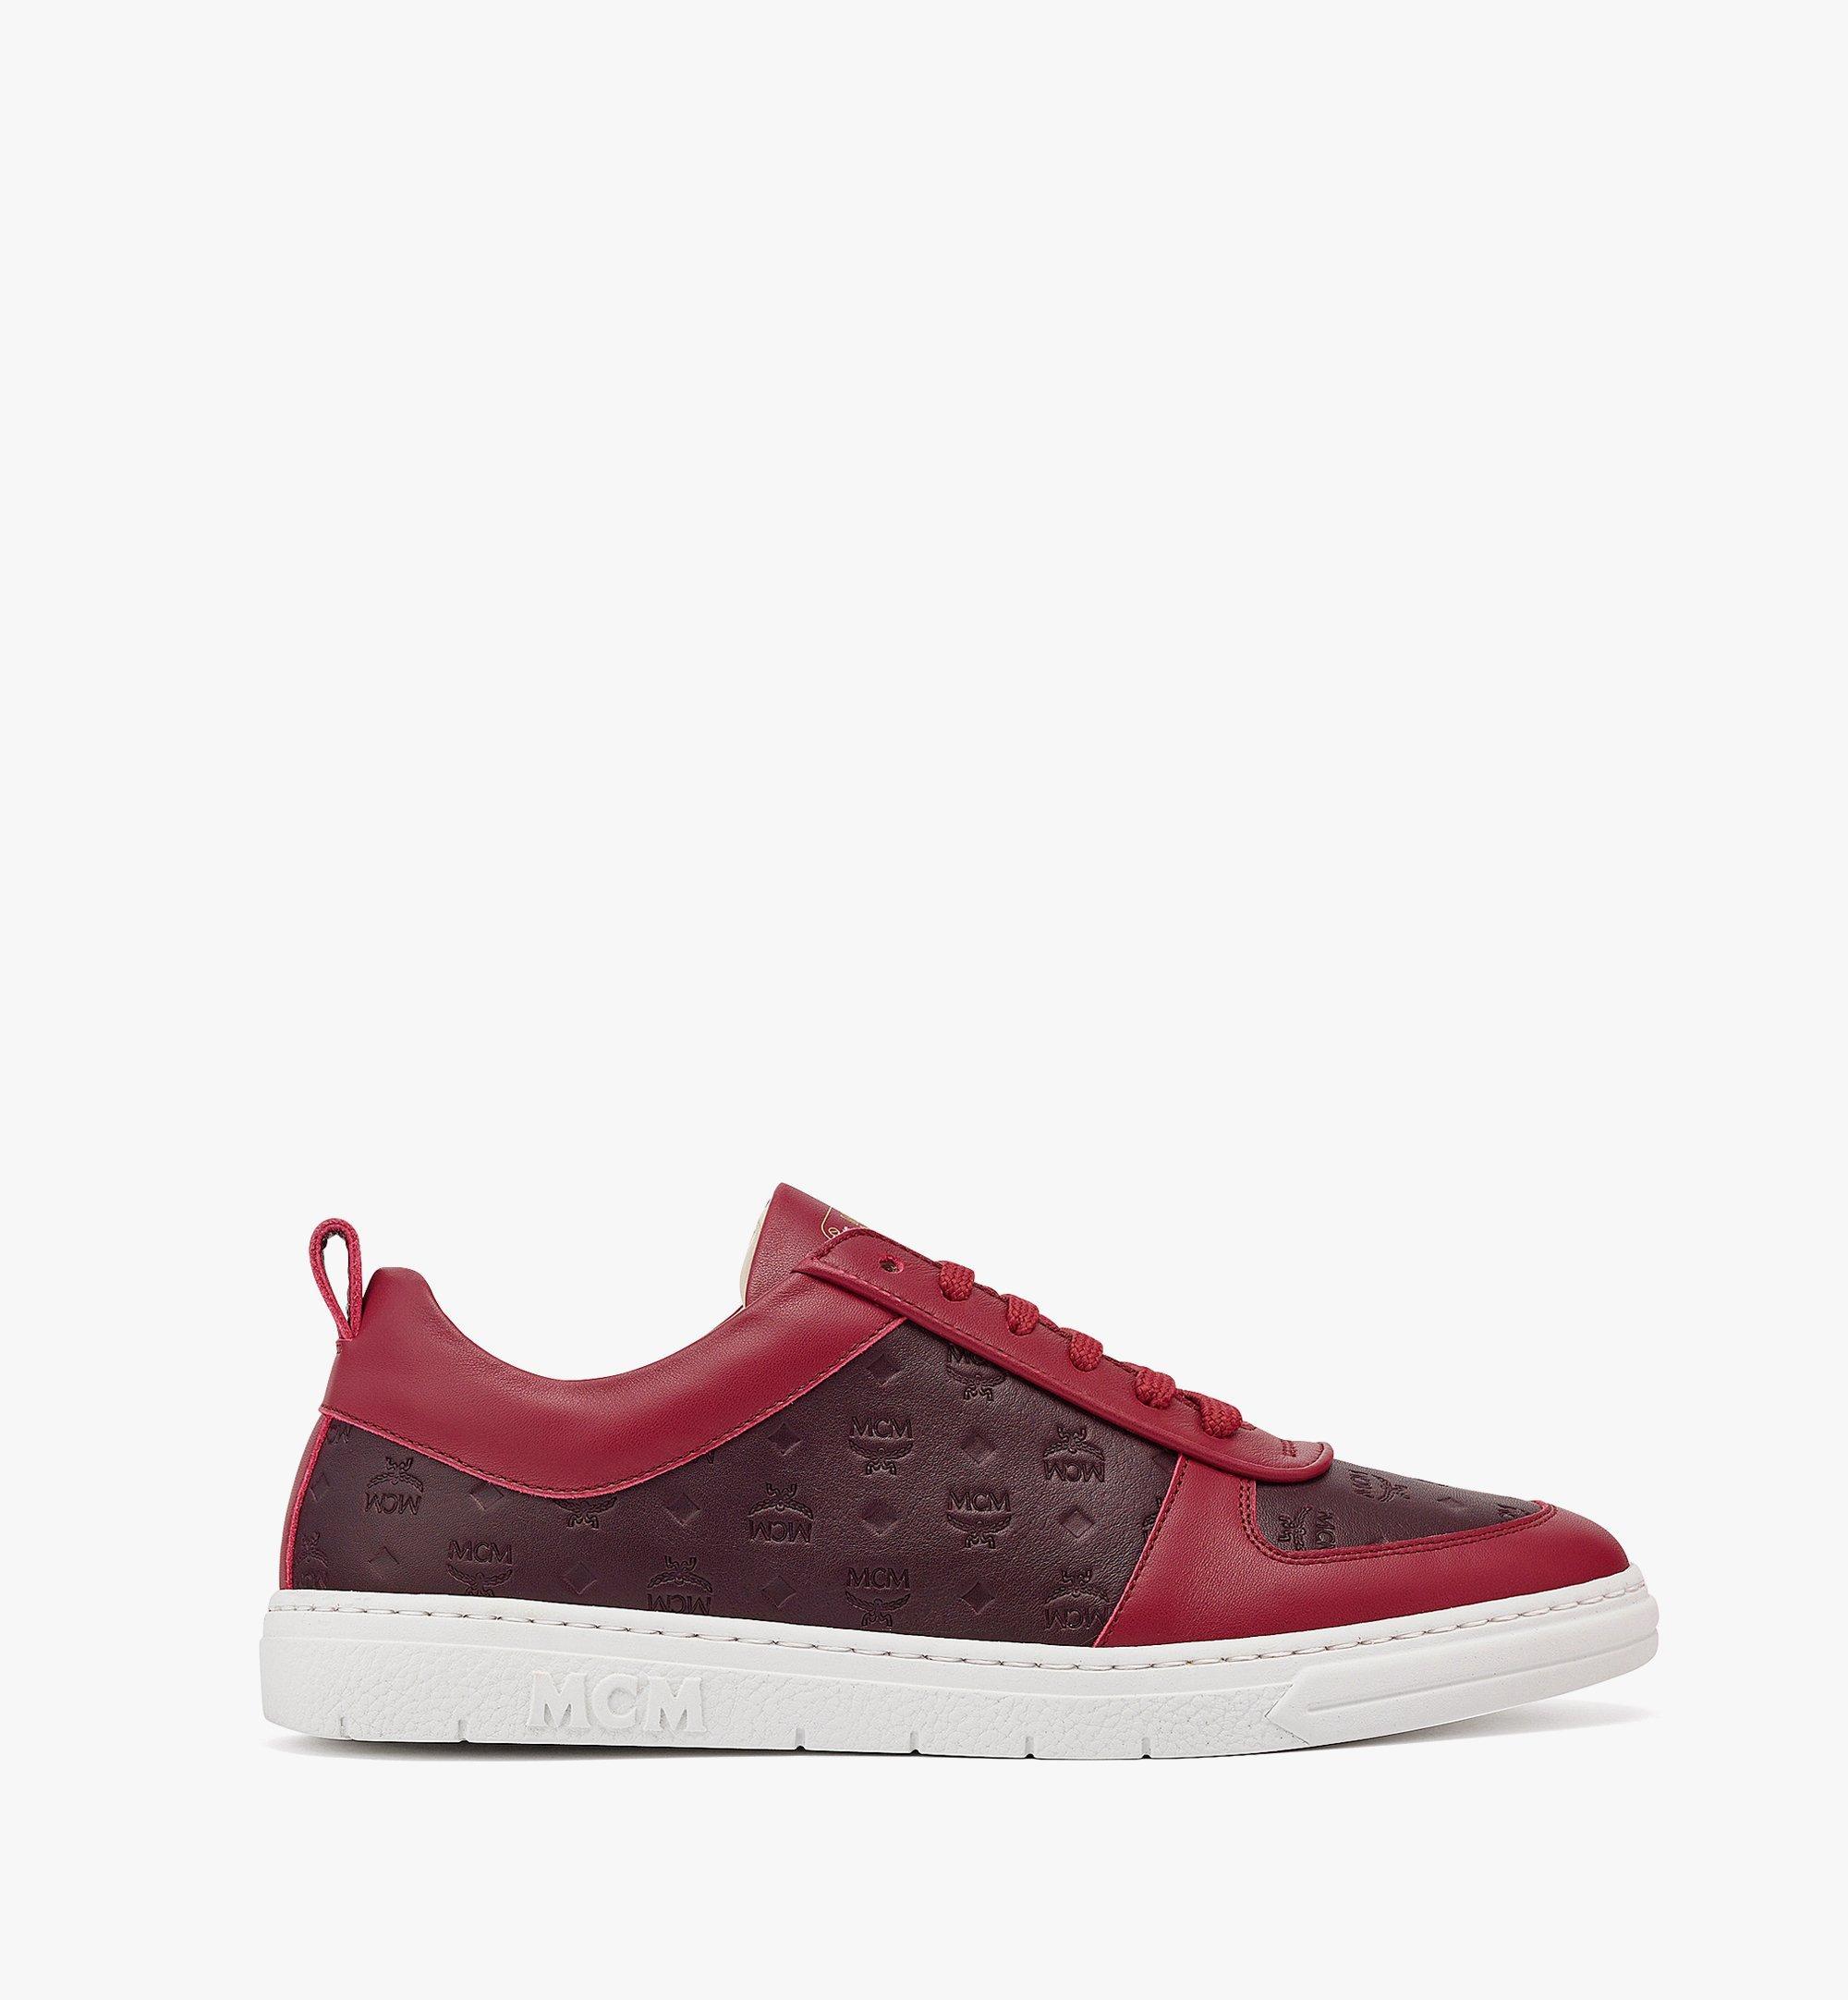 MCM Women's Sustainable Terrain Lo Sneakers in Monogram Leather Brown MESBAMM01N9036 Alternate View 3